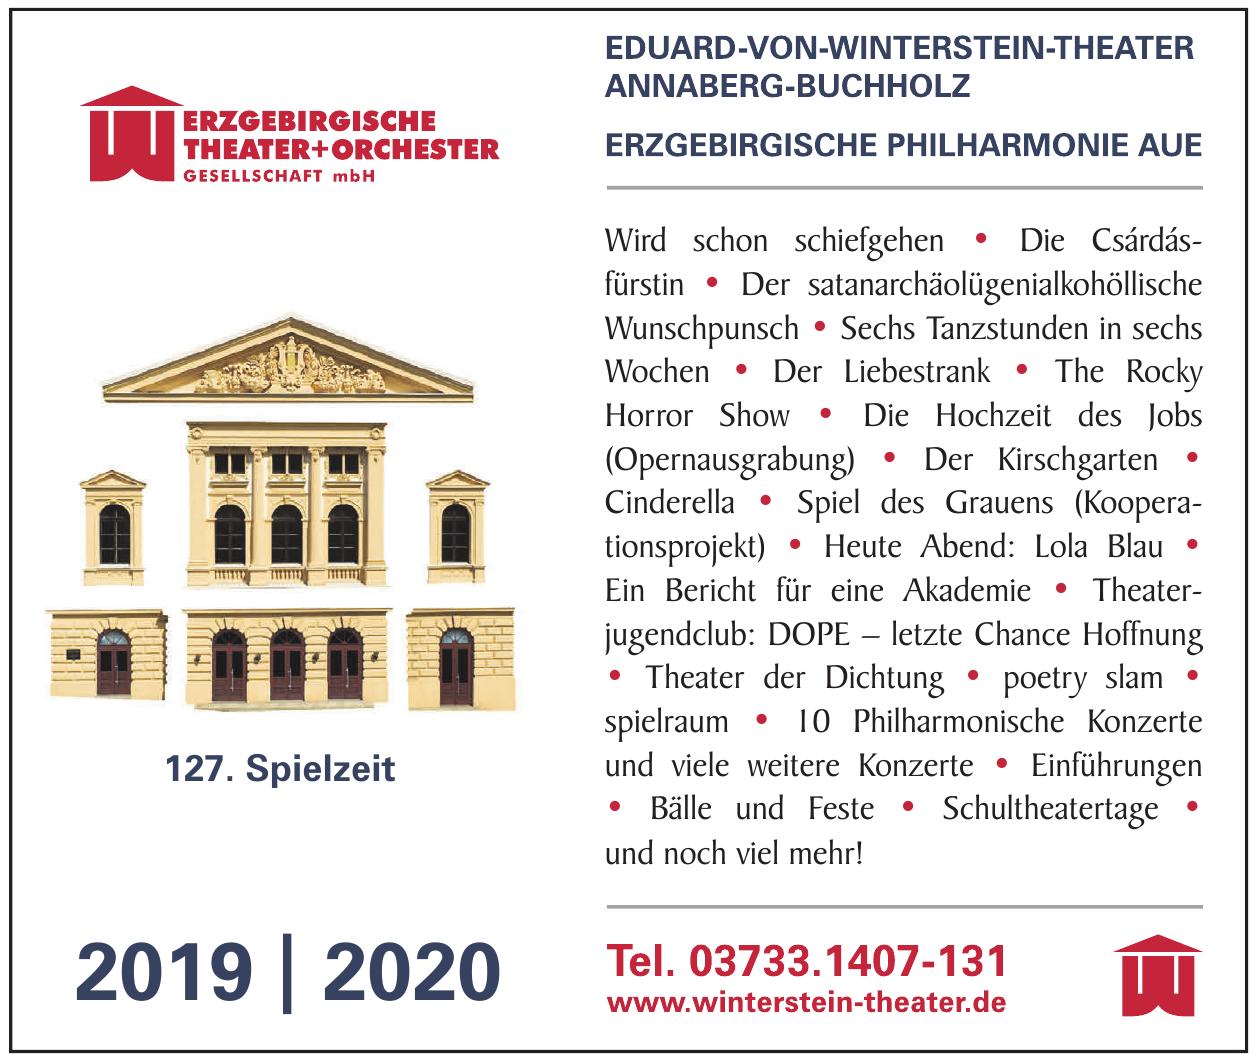 Werzgebirgische Theater+Orchester Gesellschaft mbH